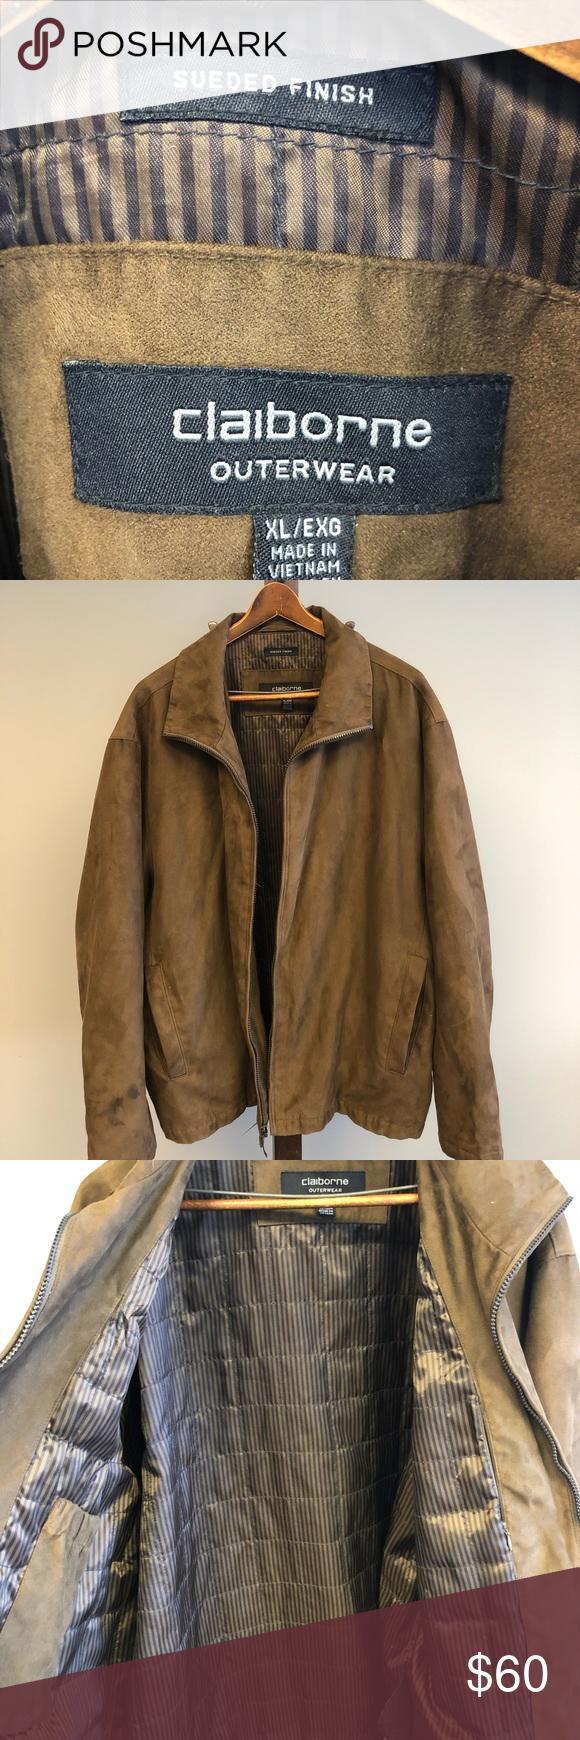 Claiborne Suede Finish Jacket Jackets Claiborne Clothes Design [ 1740 x 580 Pixel ]